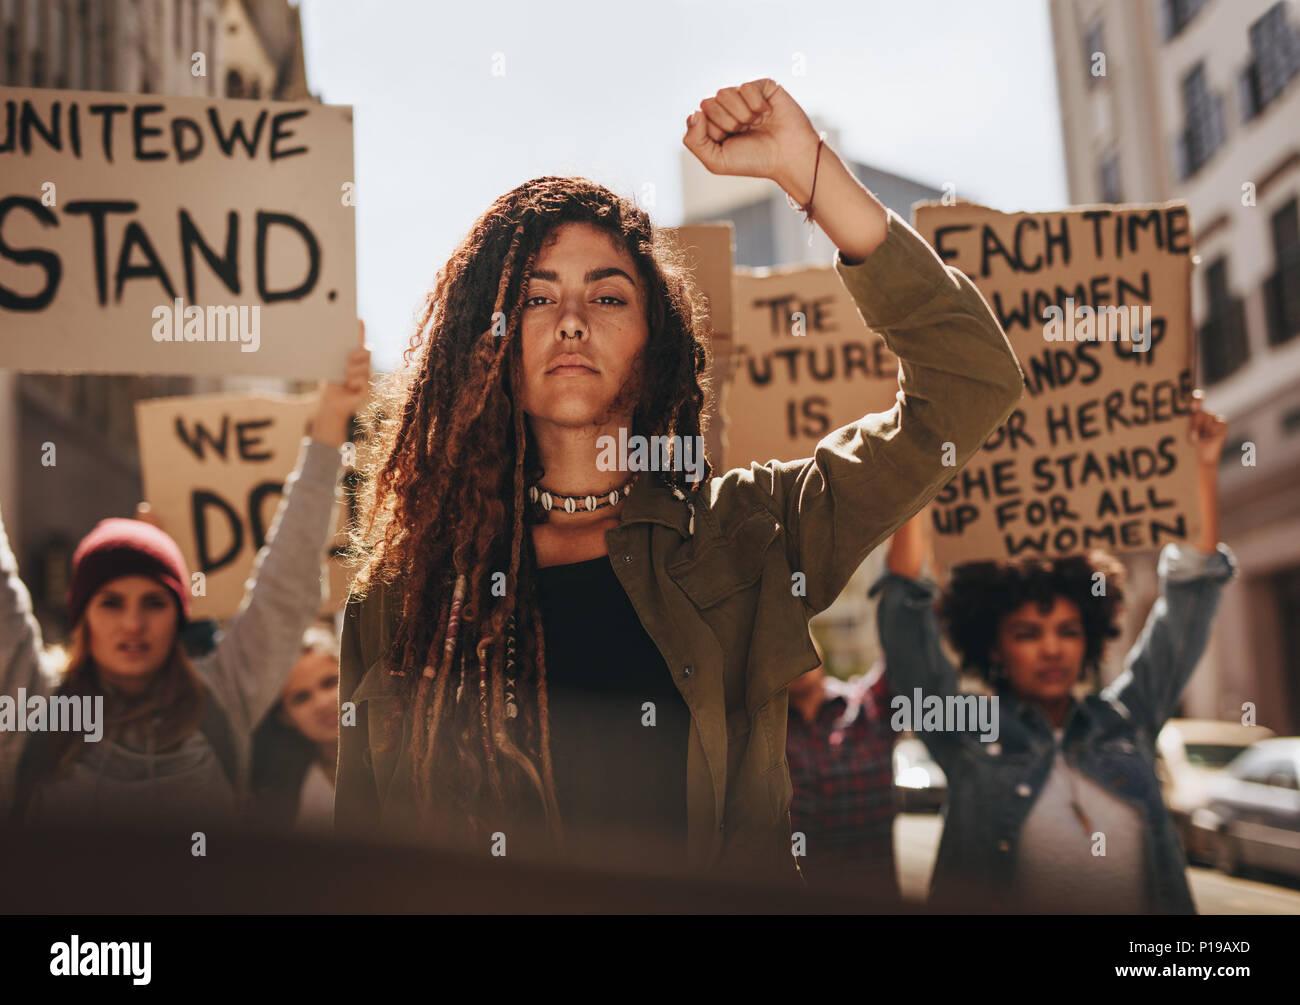 Frau an der Spitze einer Gruppe von Demonstranten auf der Straße. Gruppe der weiblichen protestieren für die Gleichstellung und Teilhabe - die Rolle der Frauen. Stockbild